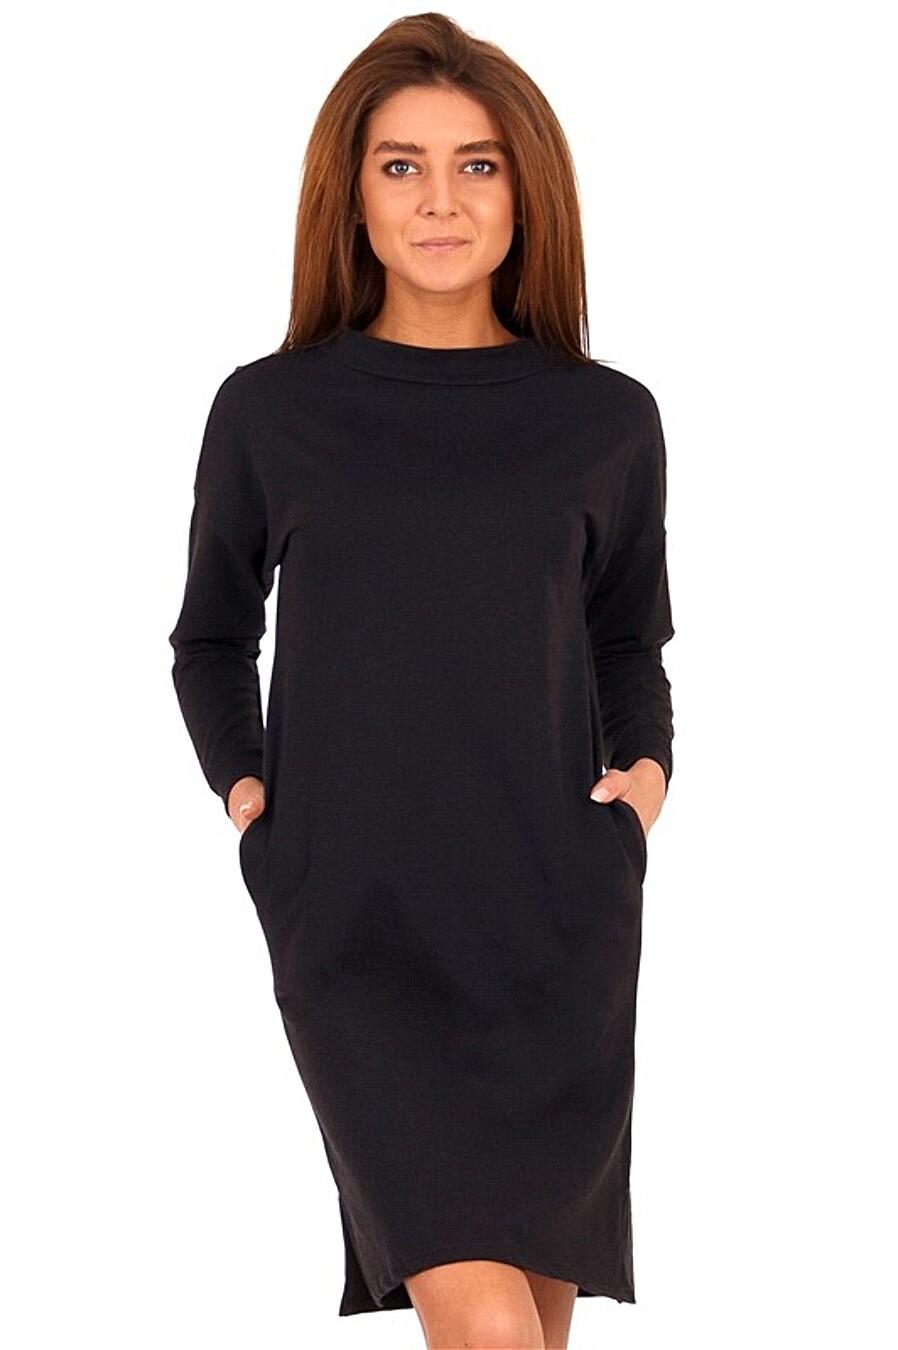 Платье для женщин Archi 158741 купить оптом от производителя. Совместная покупка женской одежды в OptMoyo